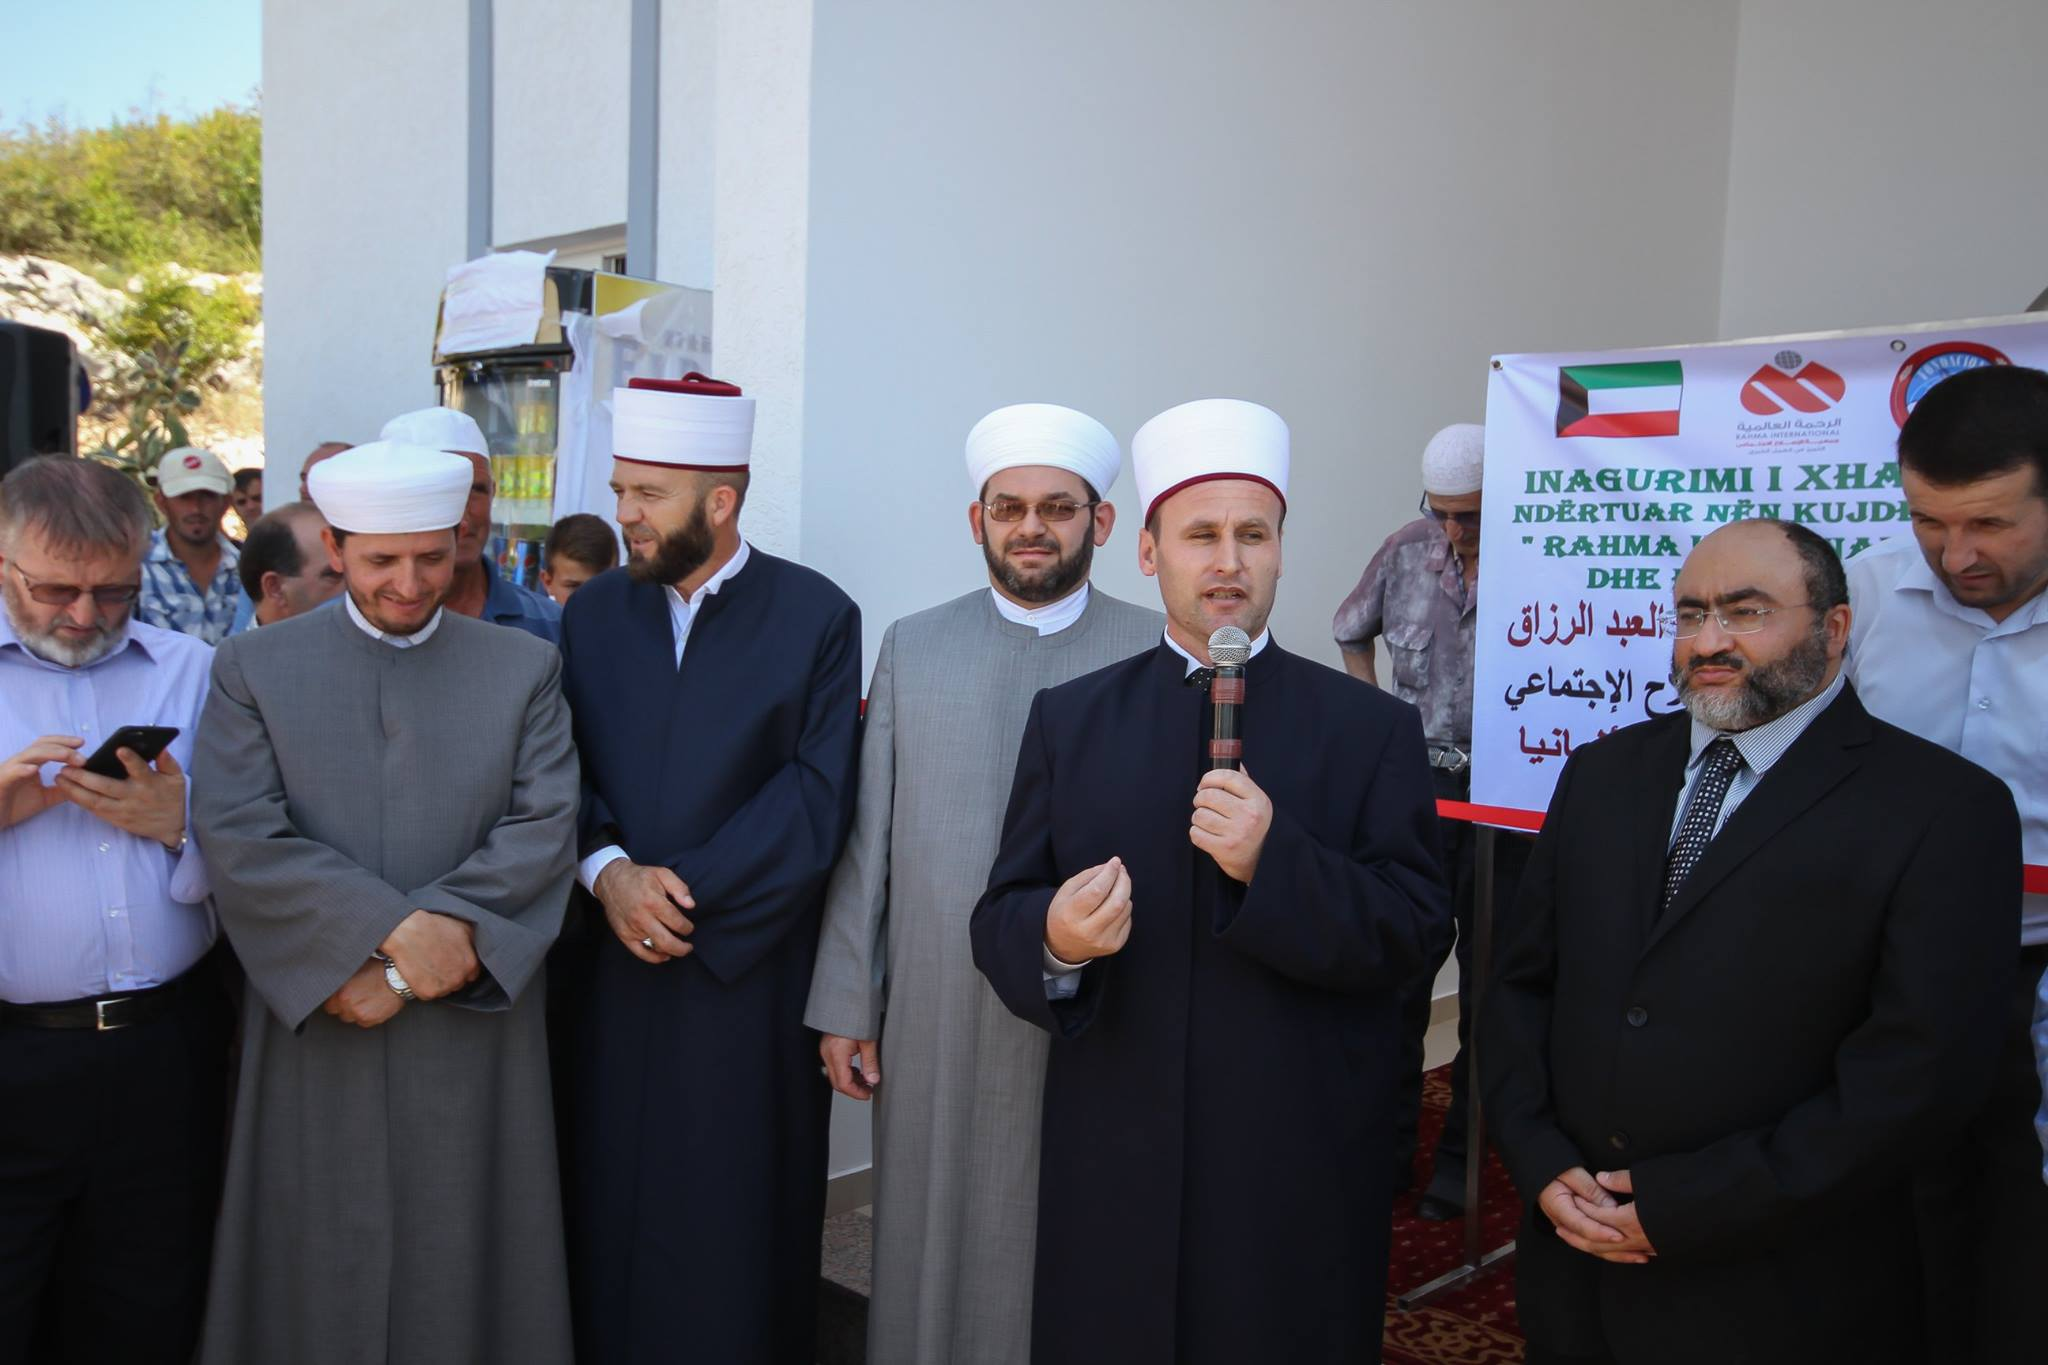 Përurohet xhamia e re në fshatin Kullaj, Postribë